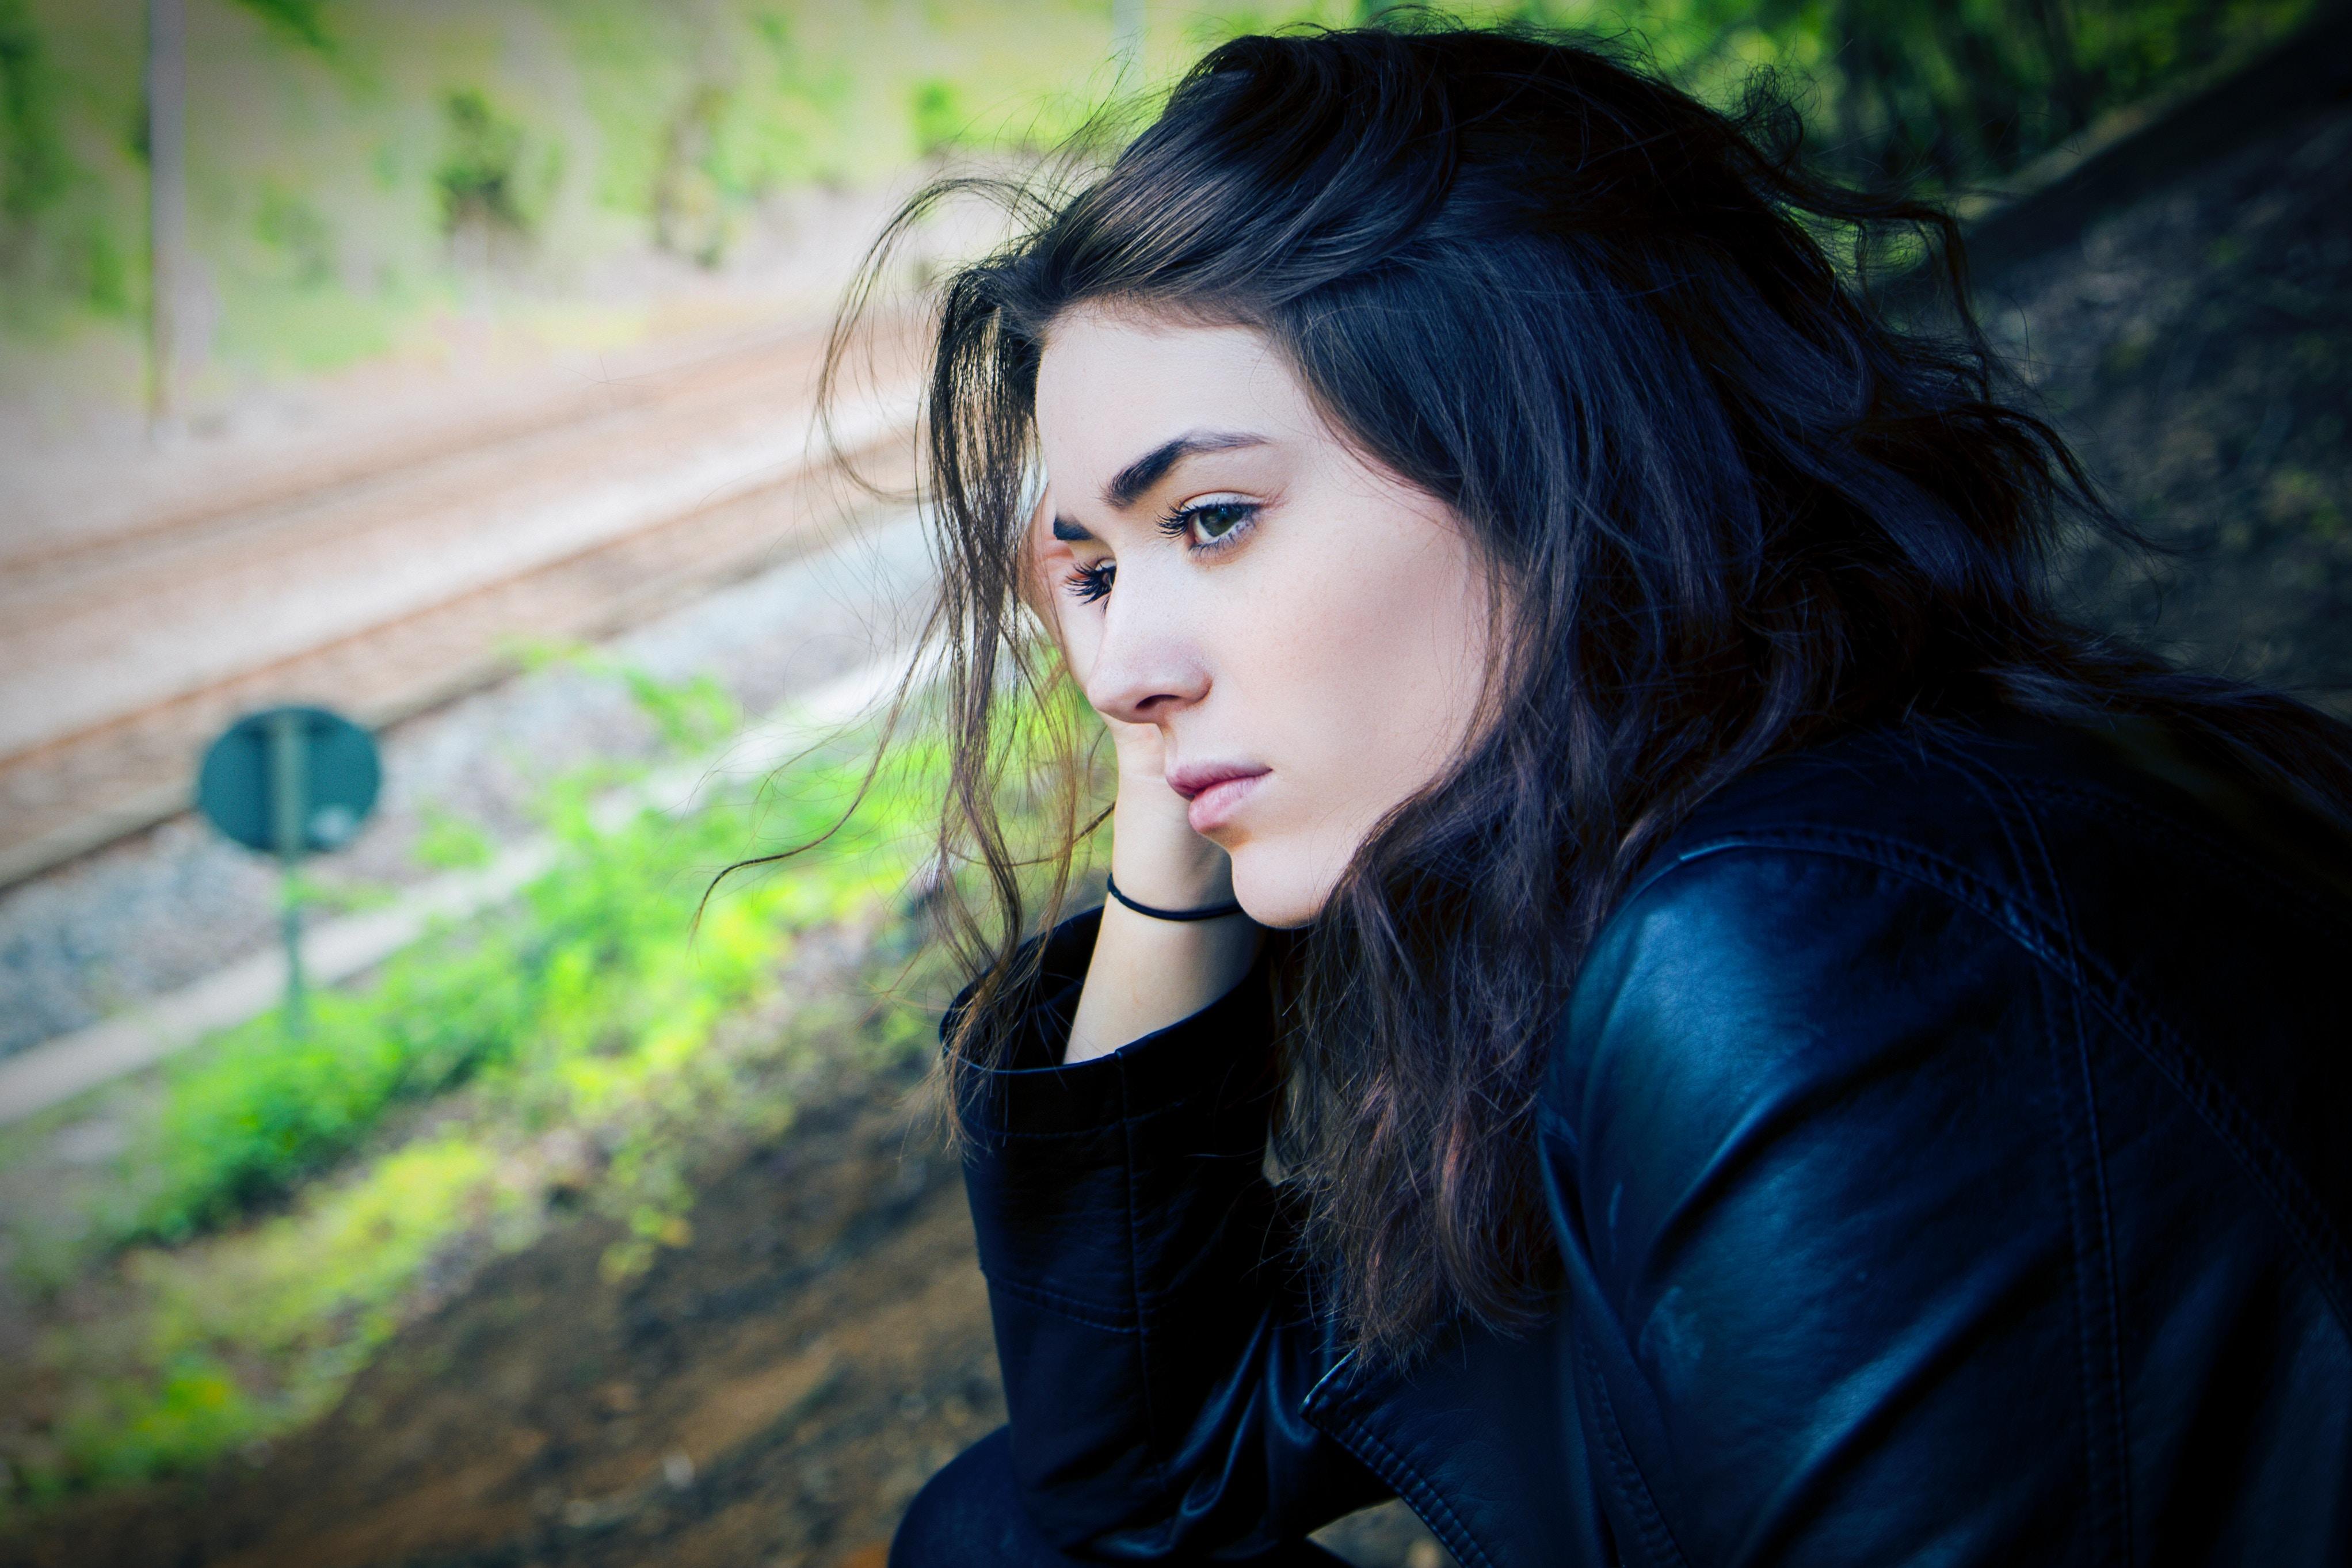 Woman--sad